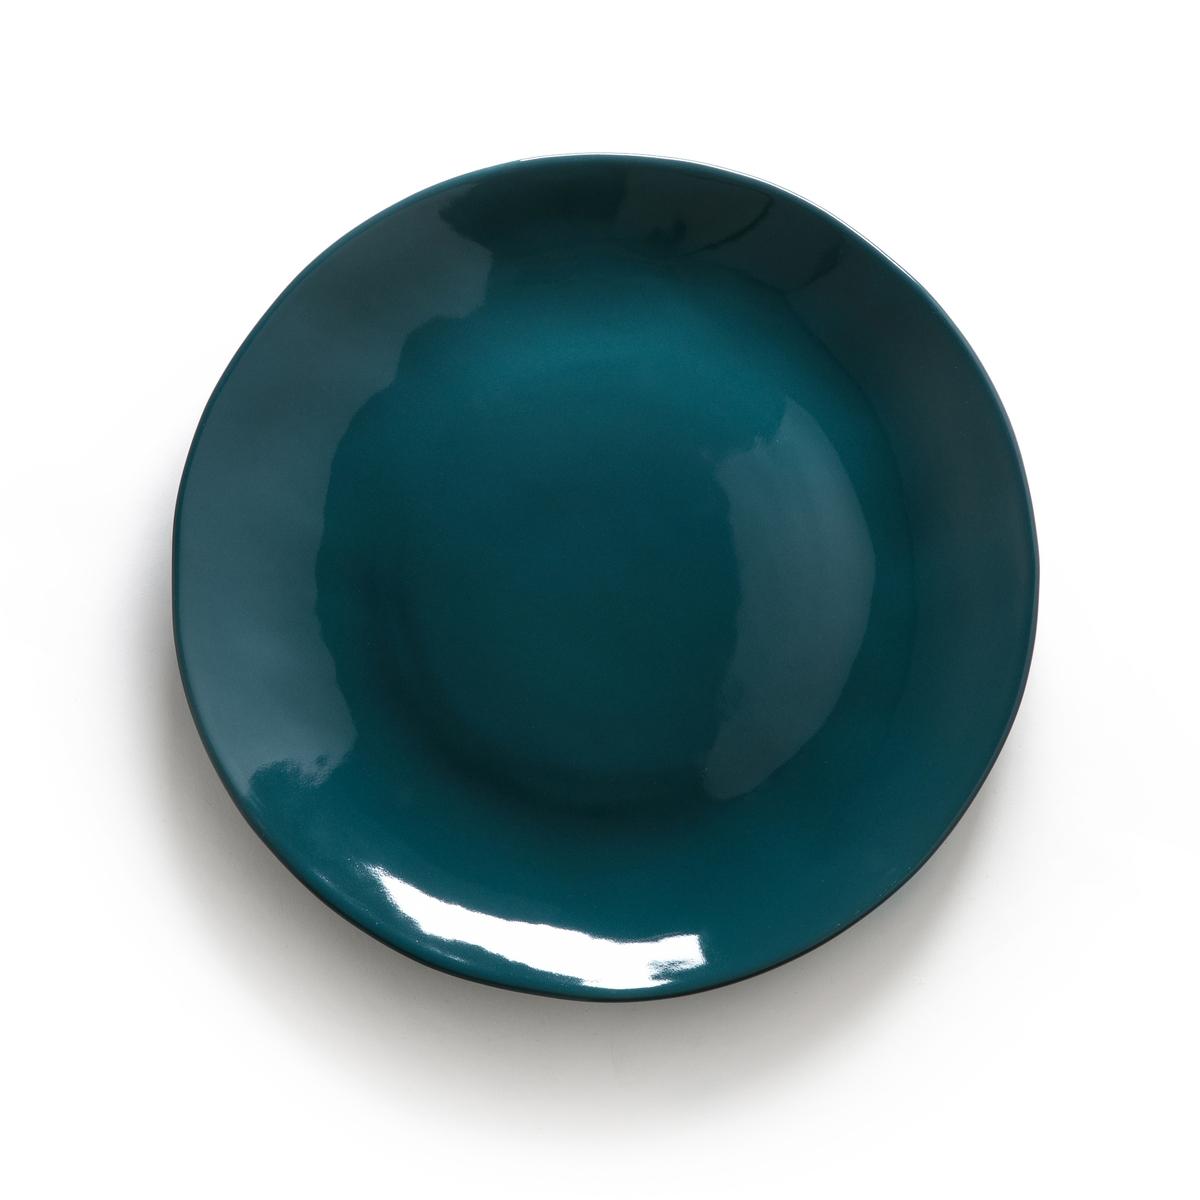 Тарелки плоские из керамики KILMIA (4 шт.)